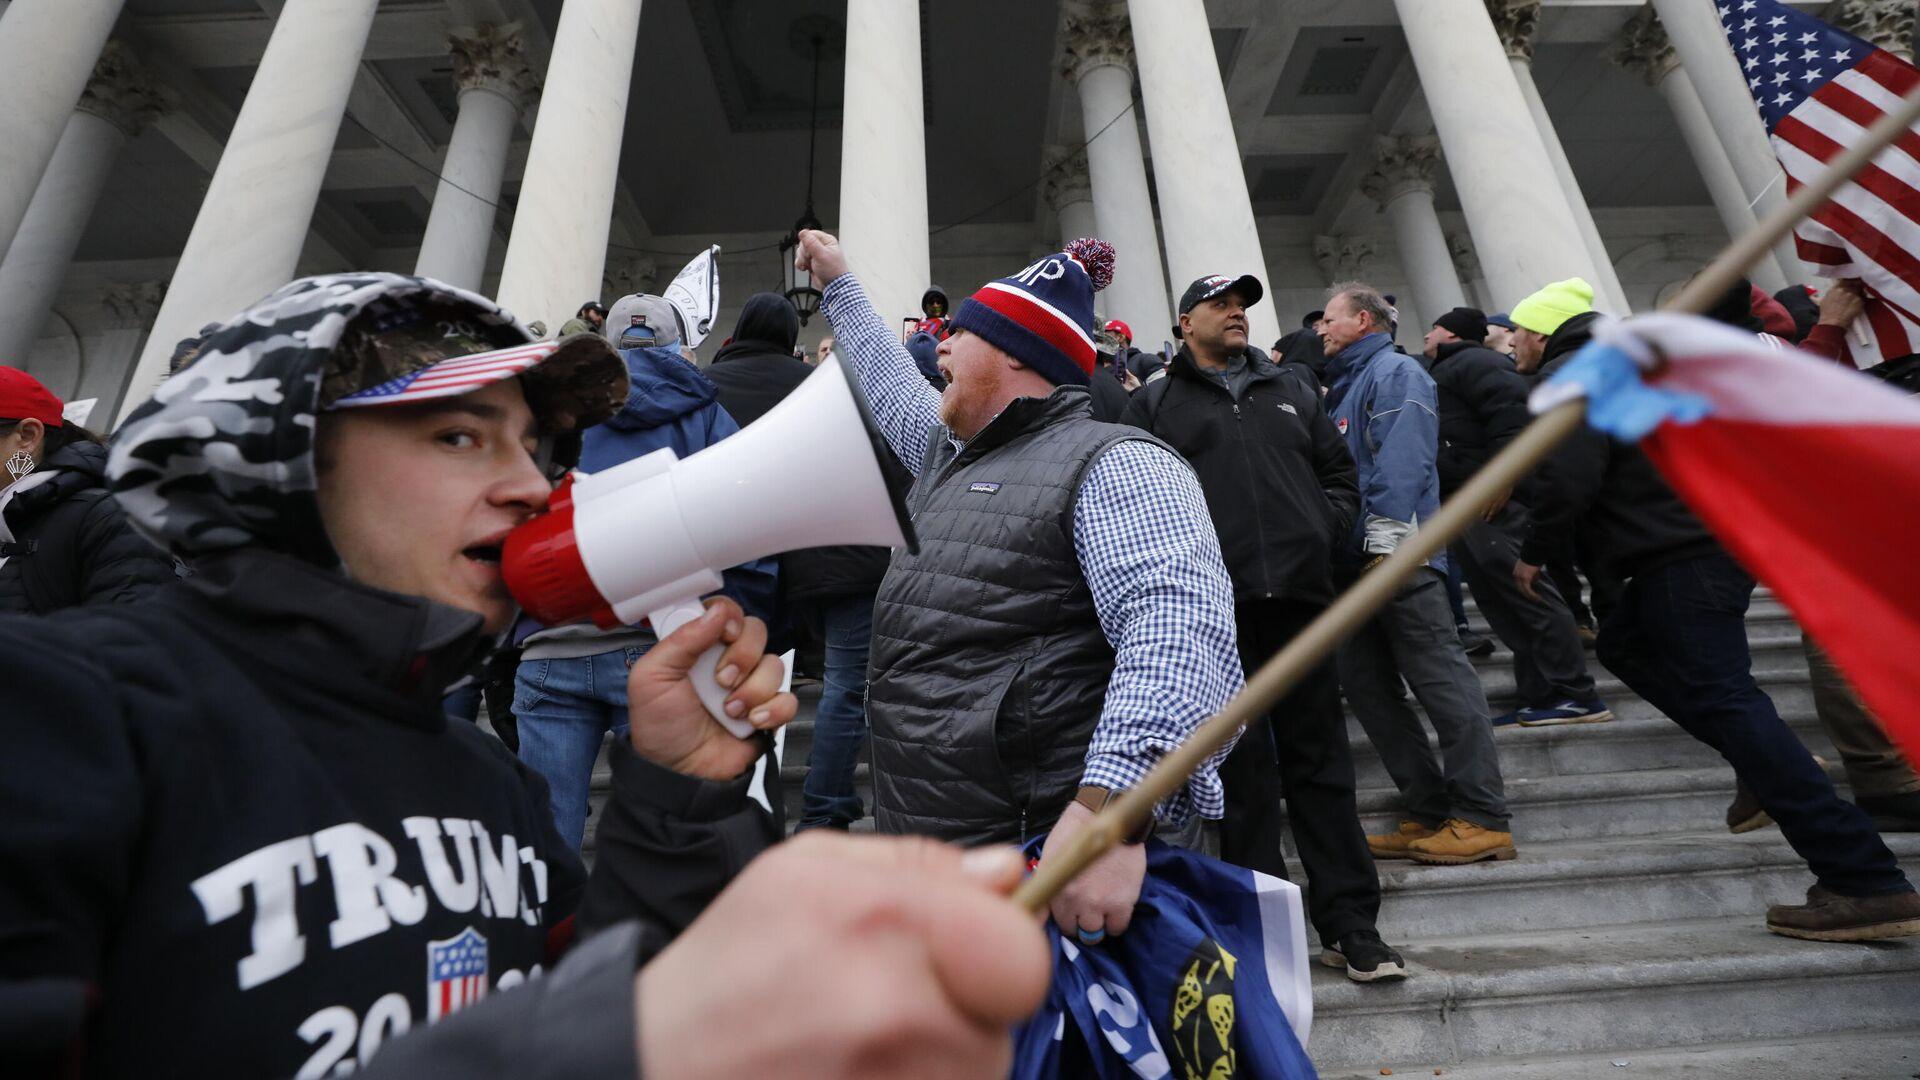 Protestaktion von Anhängern Donald Trumps auf dem Kapitol in Washington  - SNA, 1920, 08.01.2021